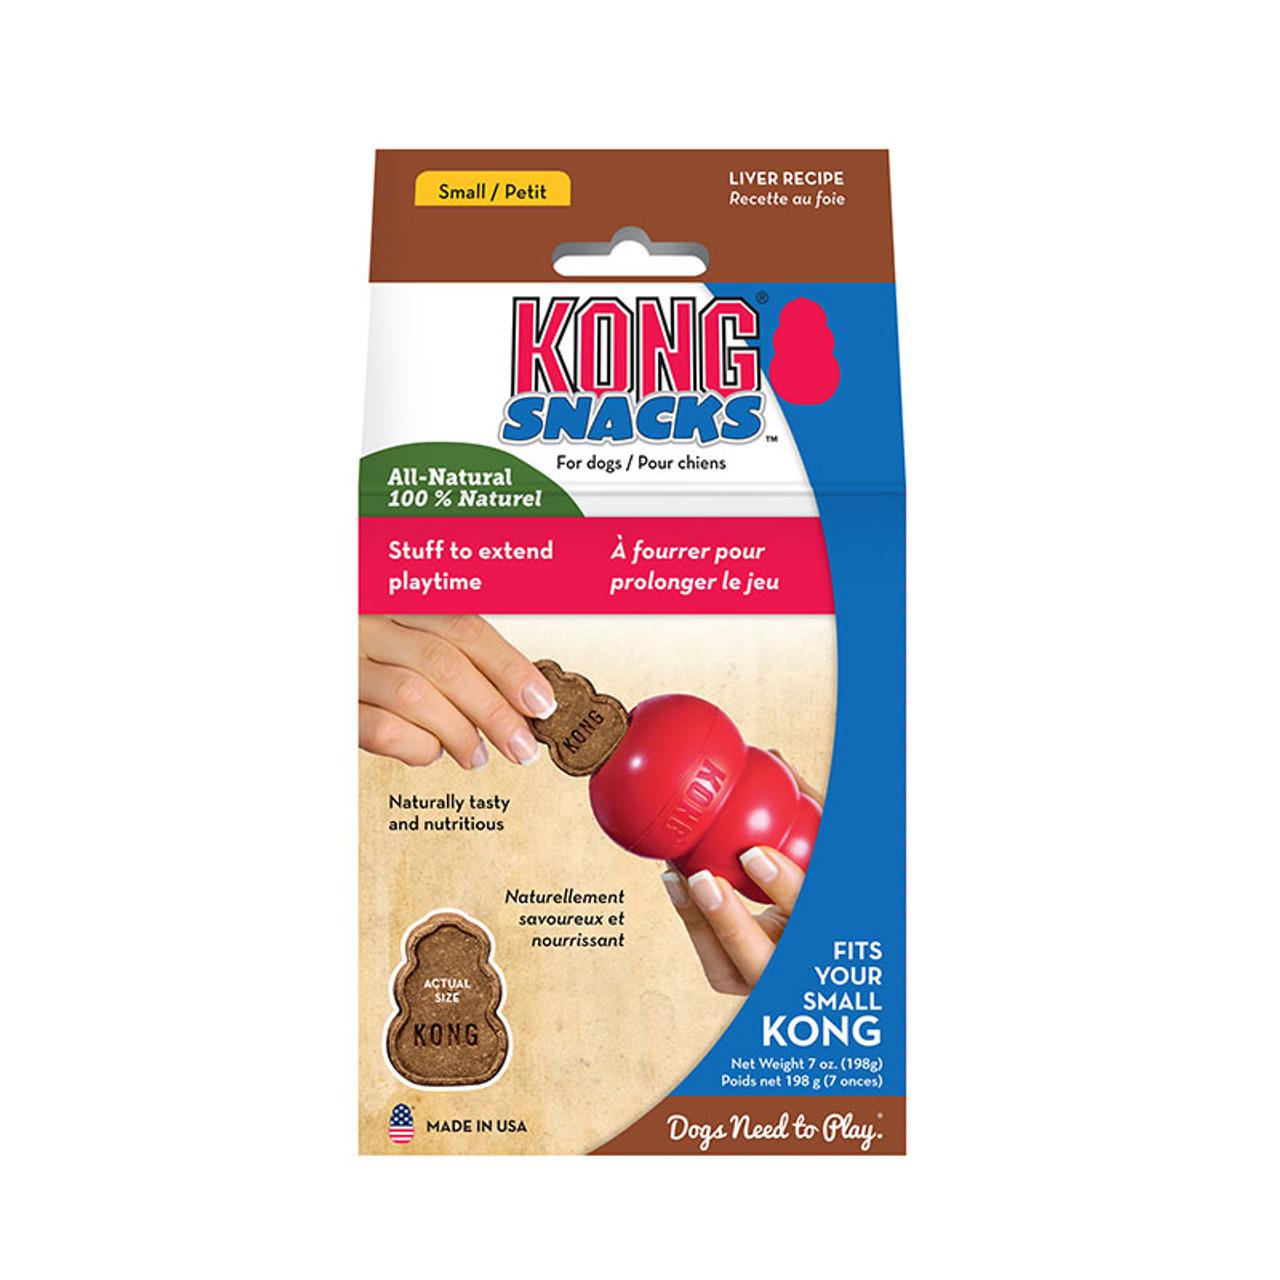 Kong Snacks - Small - Liver Flavor